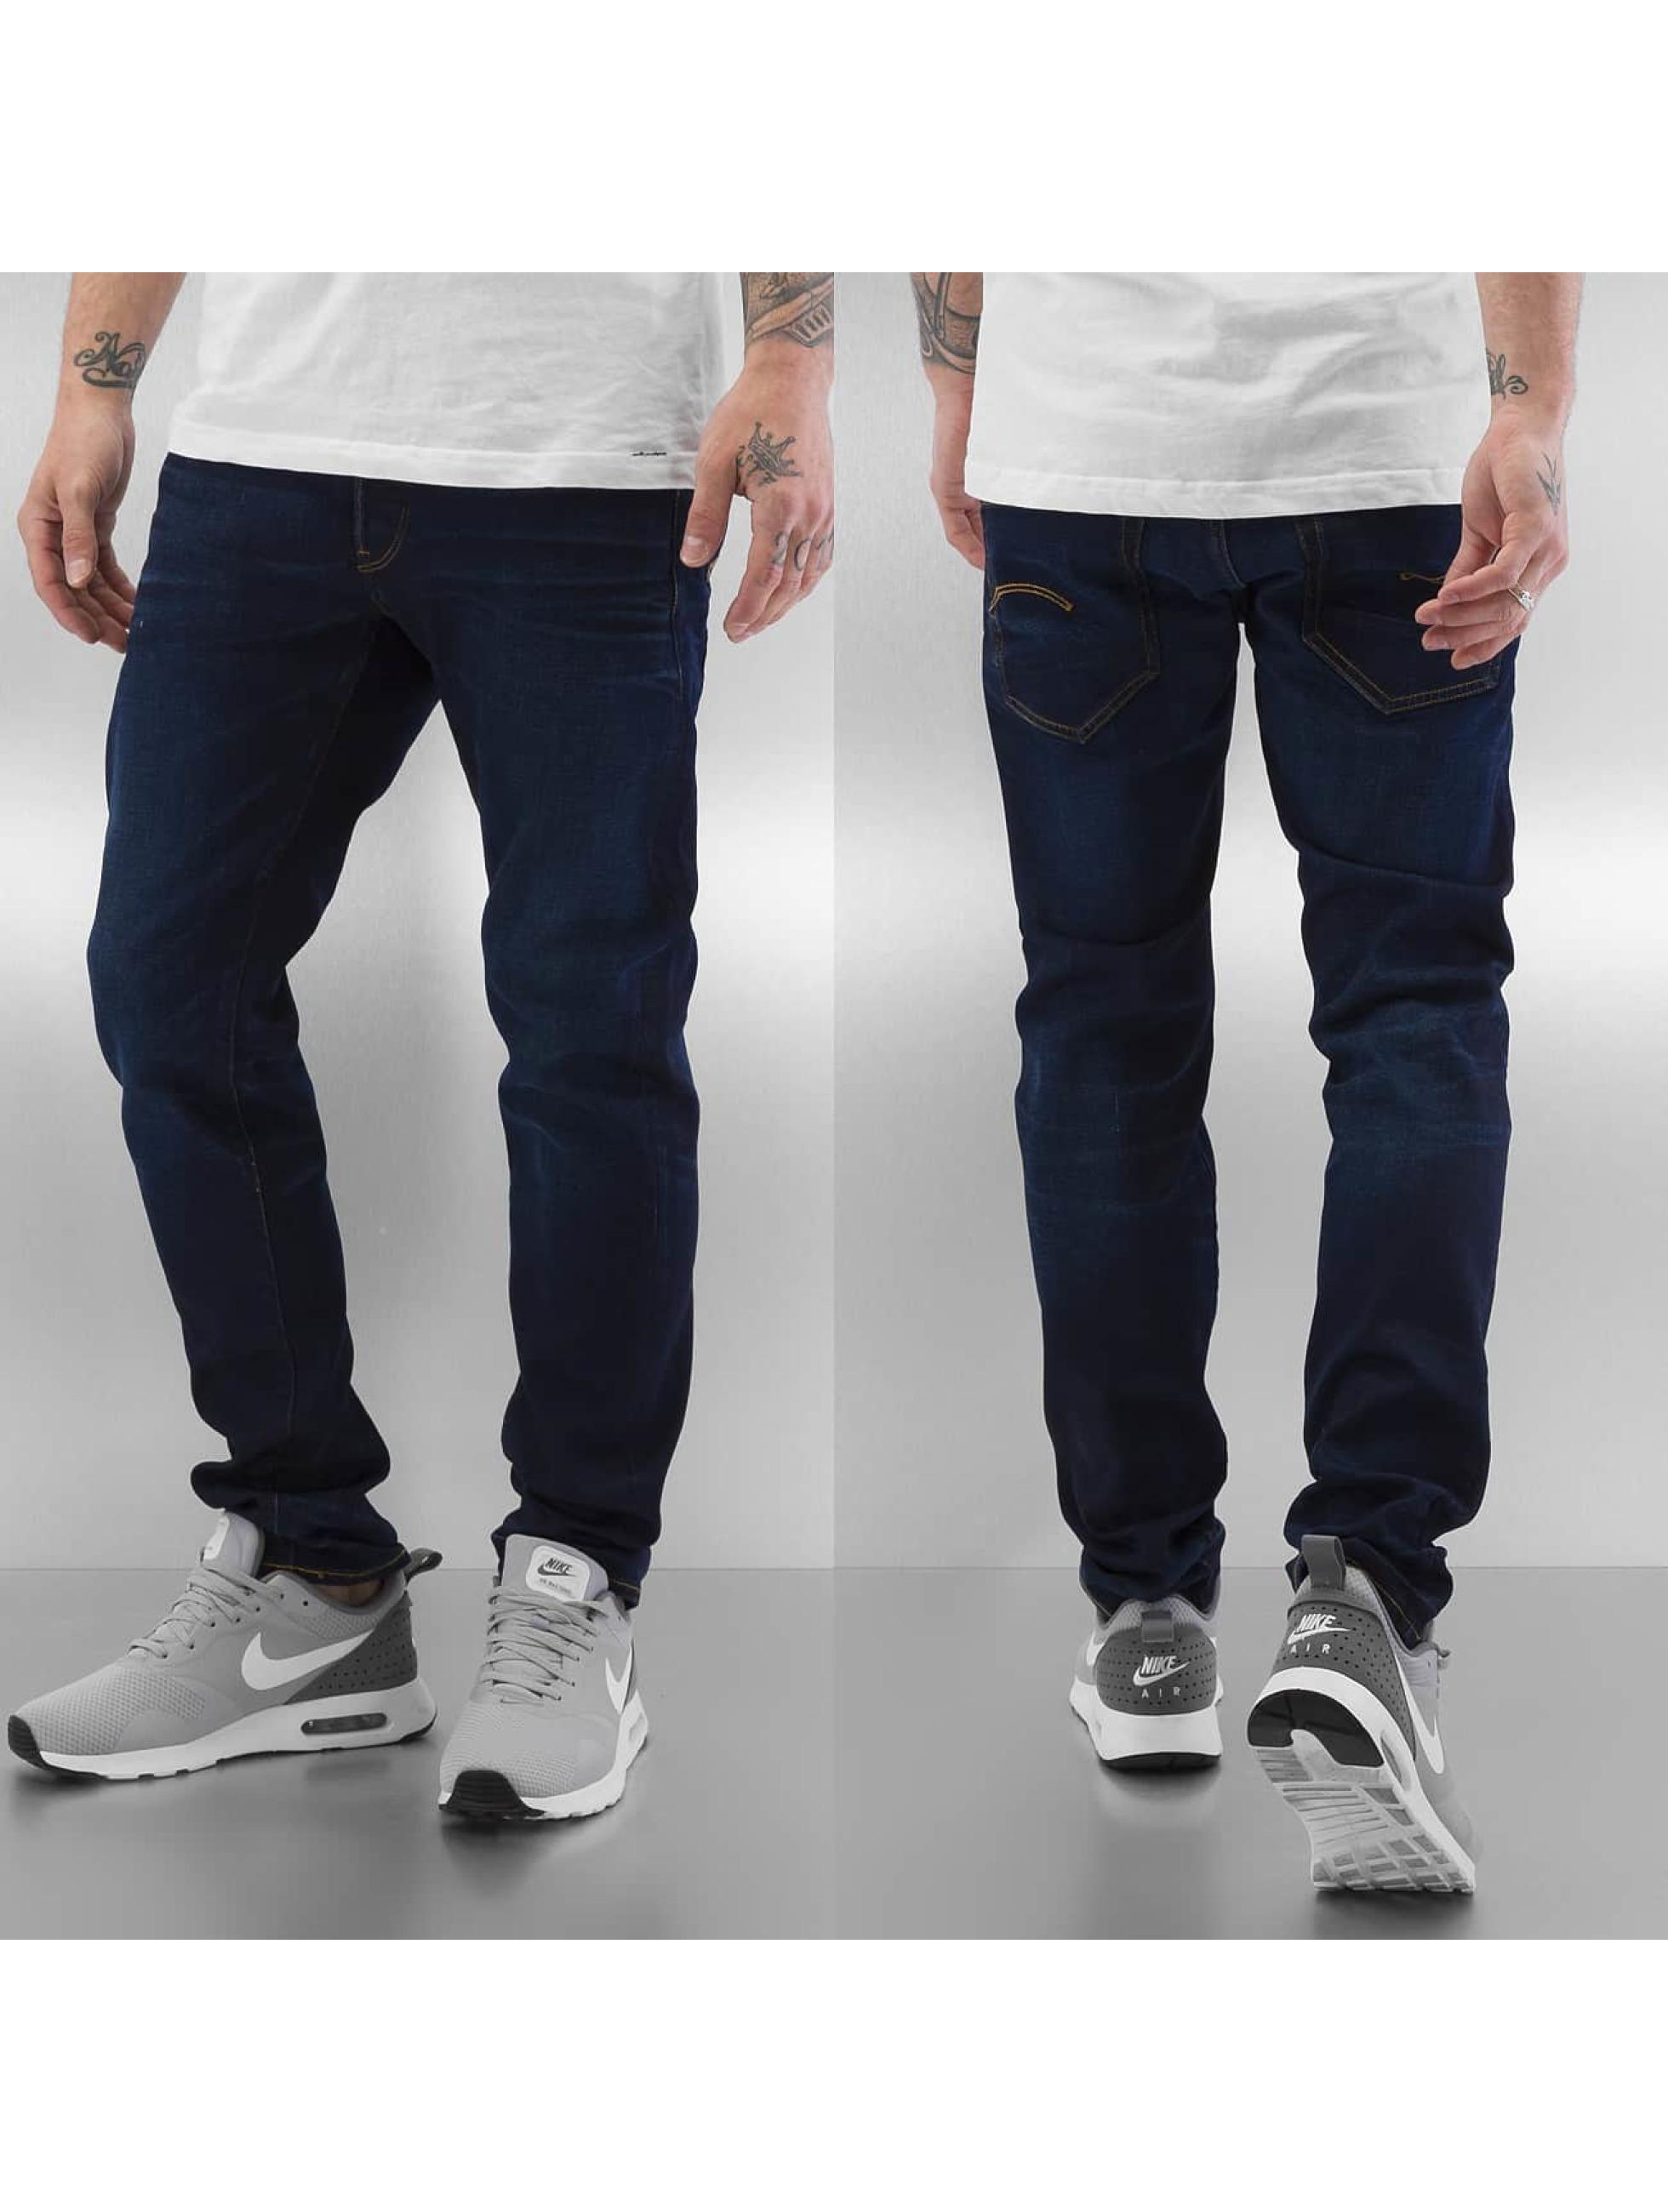 Männer aufgepasst: So kombiniert Ihr Eure weißen Sneaker am